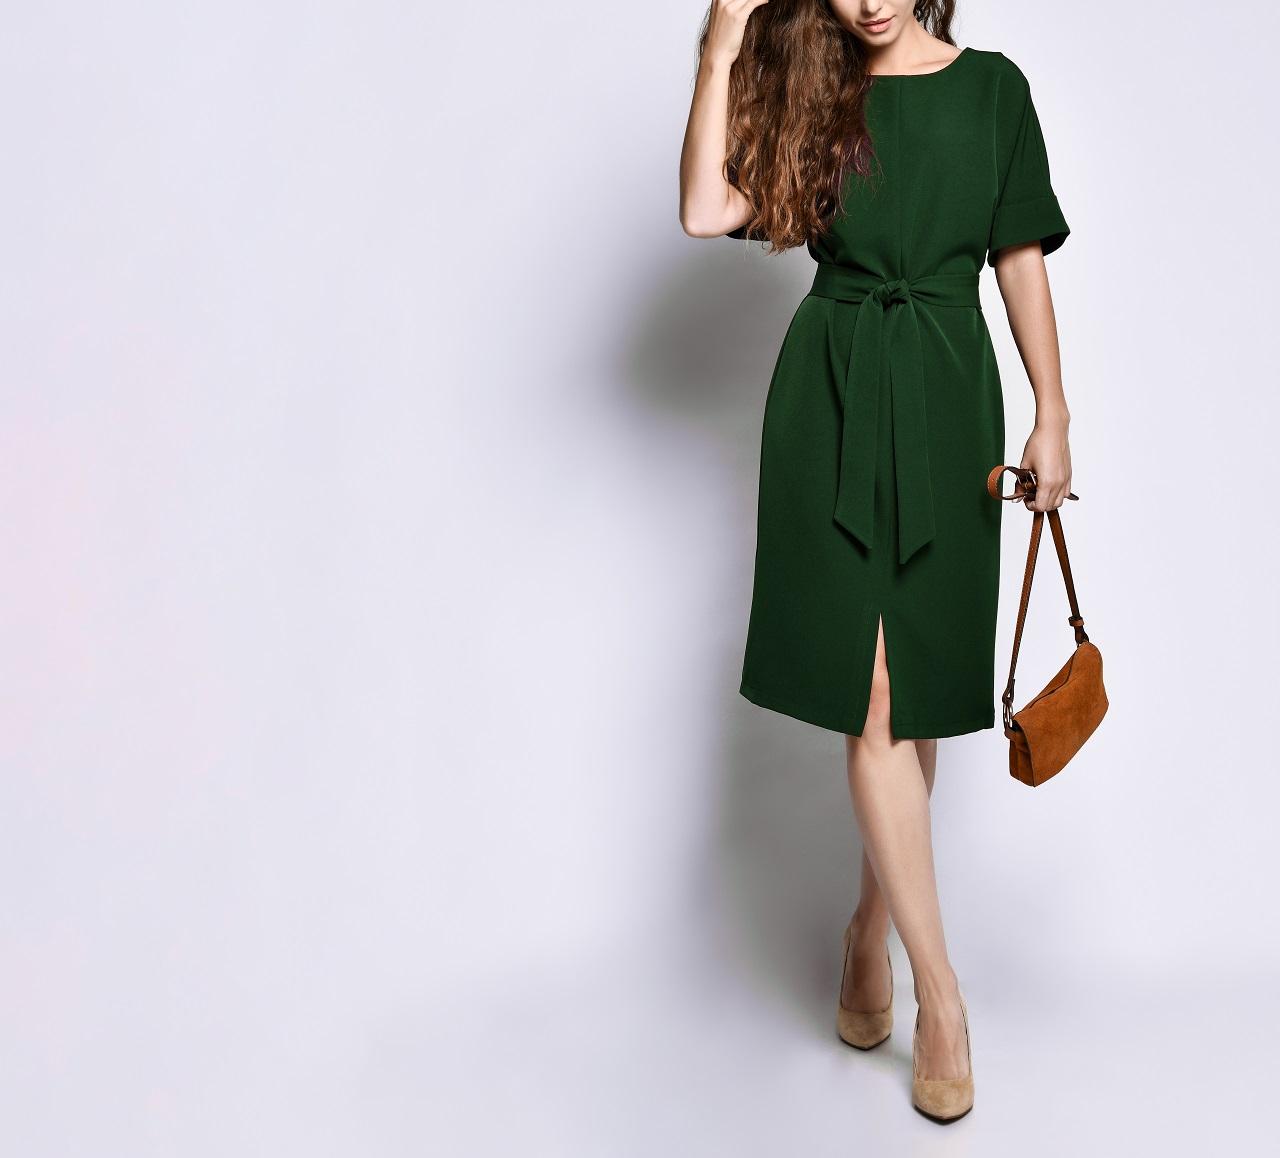 Jaką długość sukienki wybrać na oficjalne wyjścia?